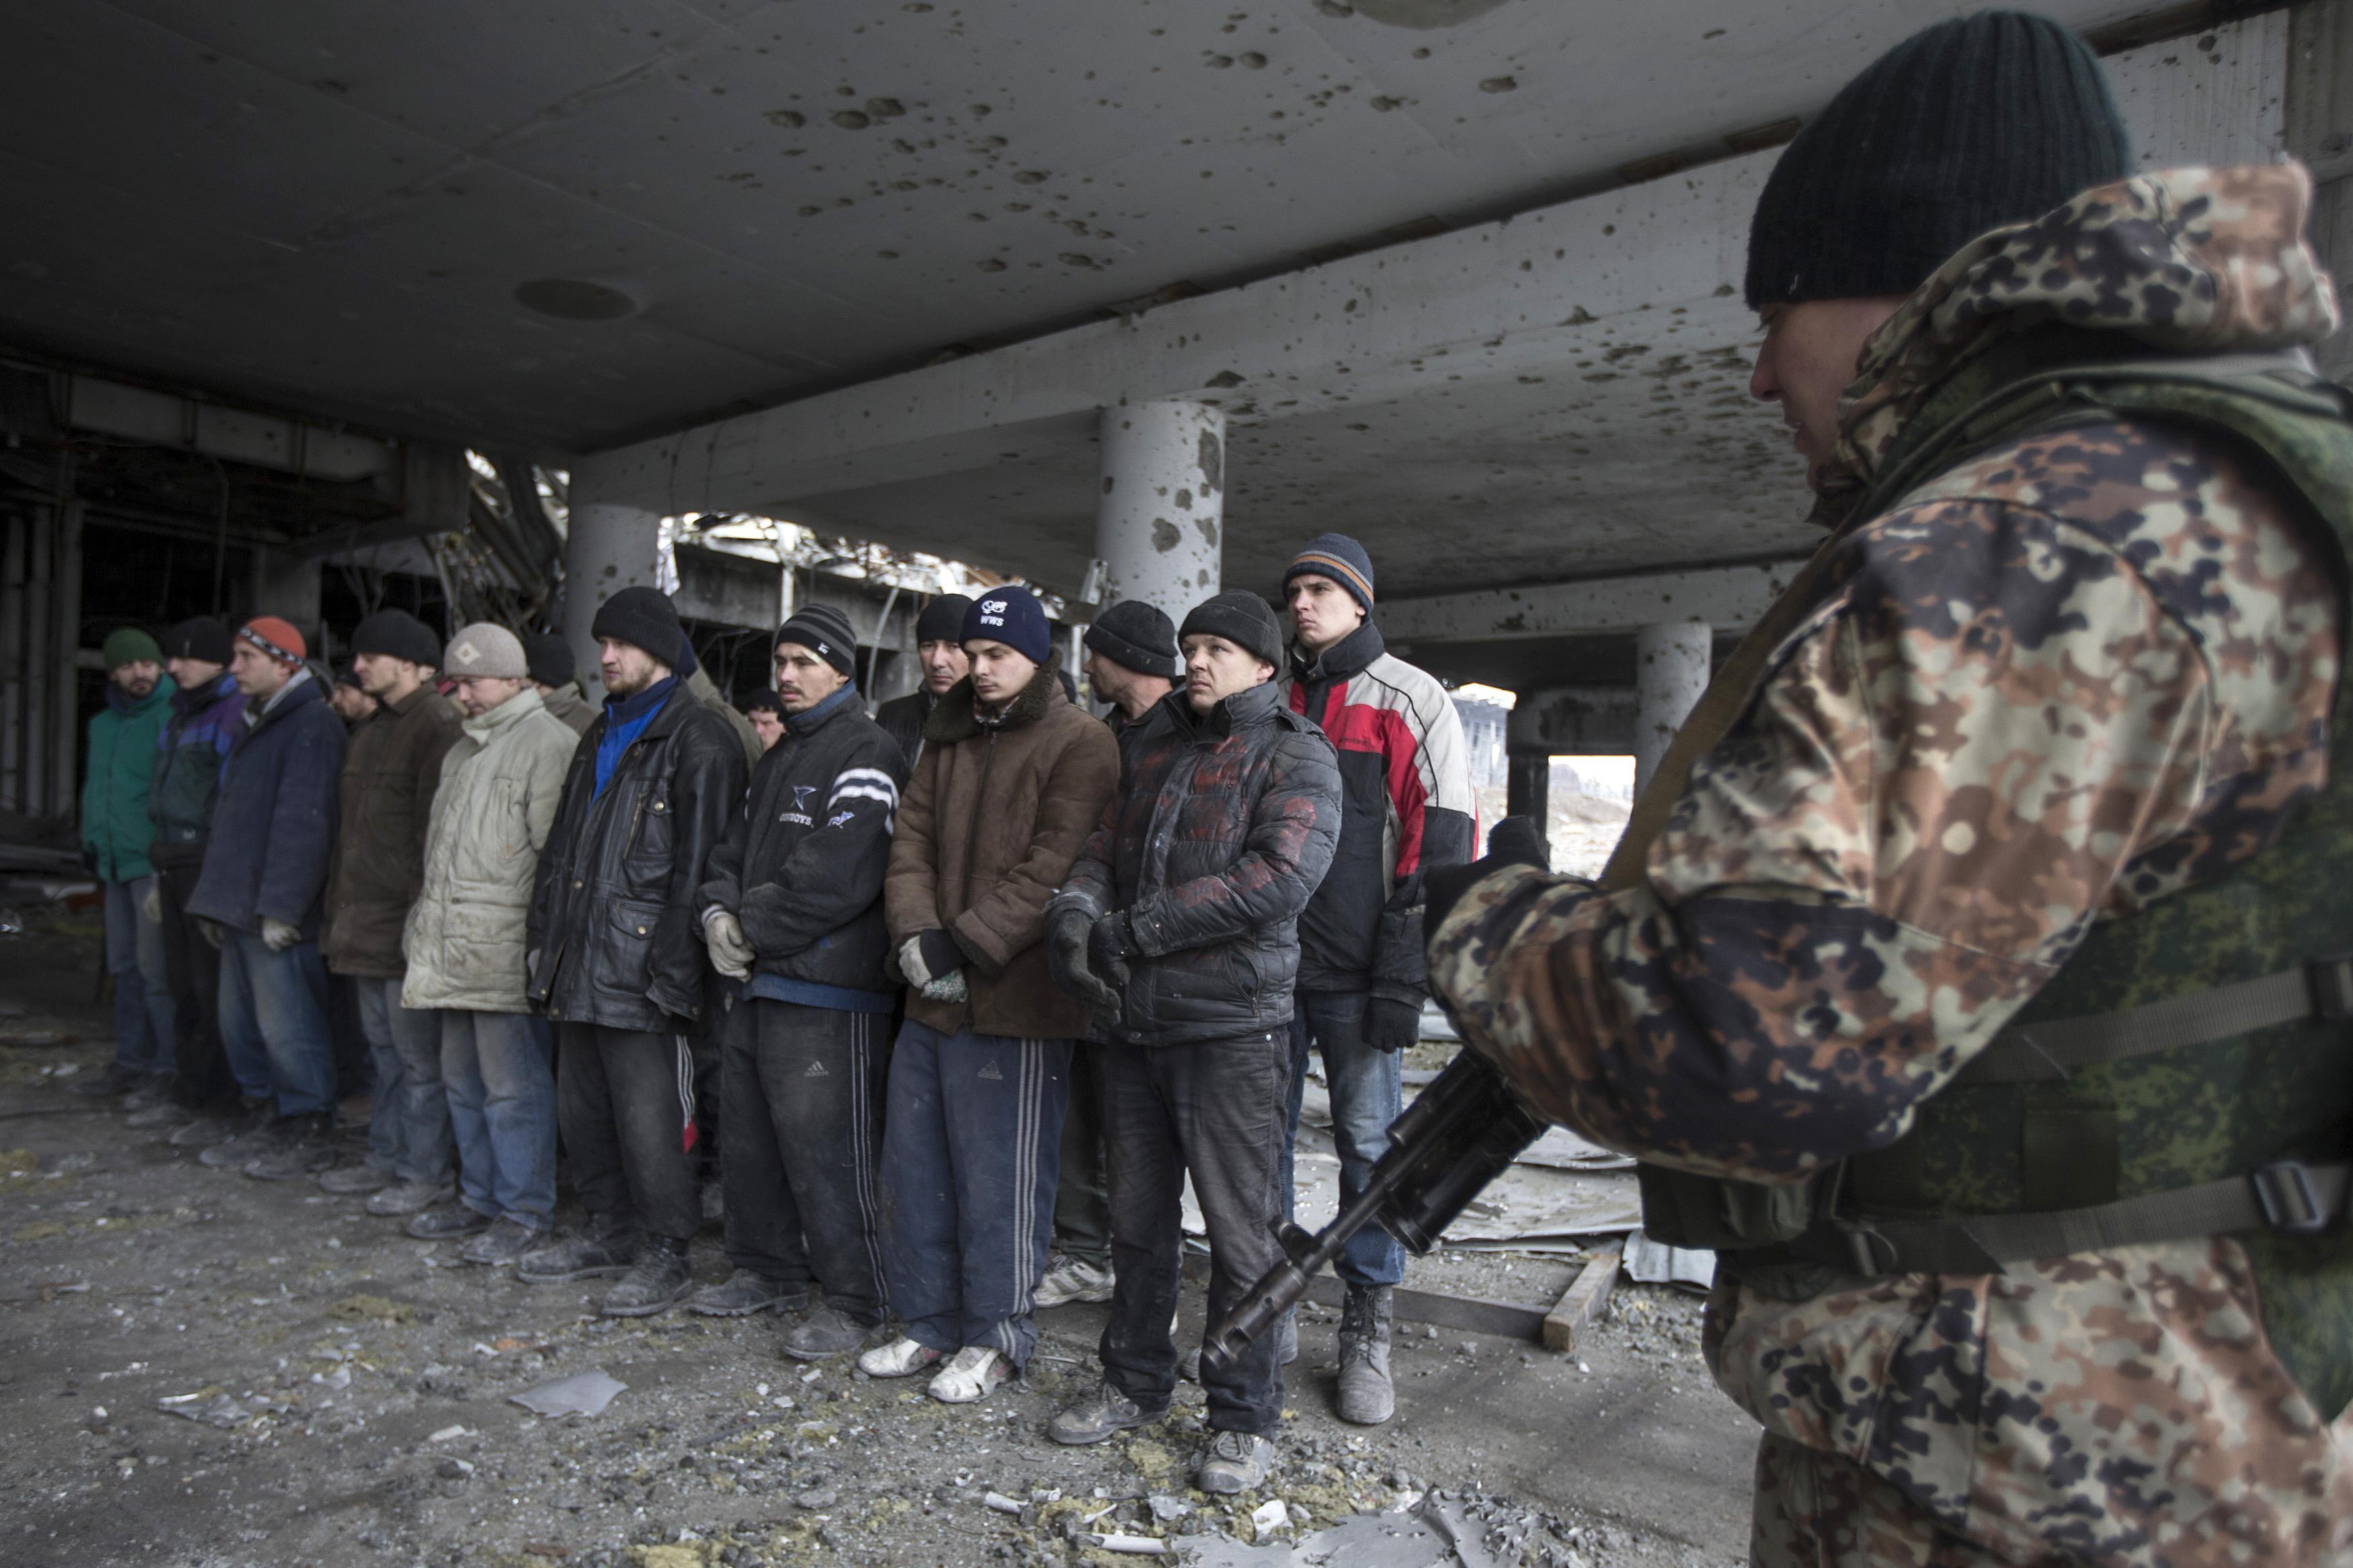 Заложники у боевиков, иллюстрация